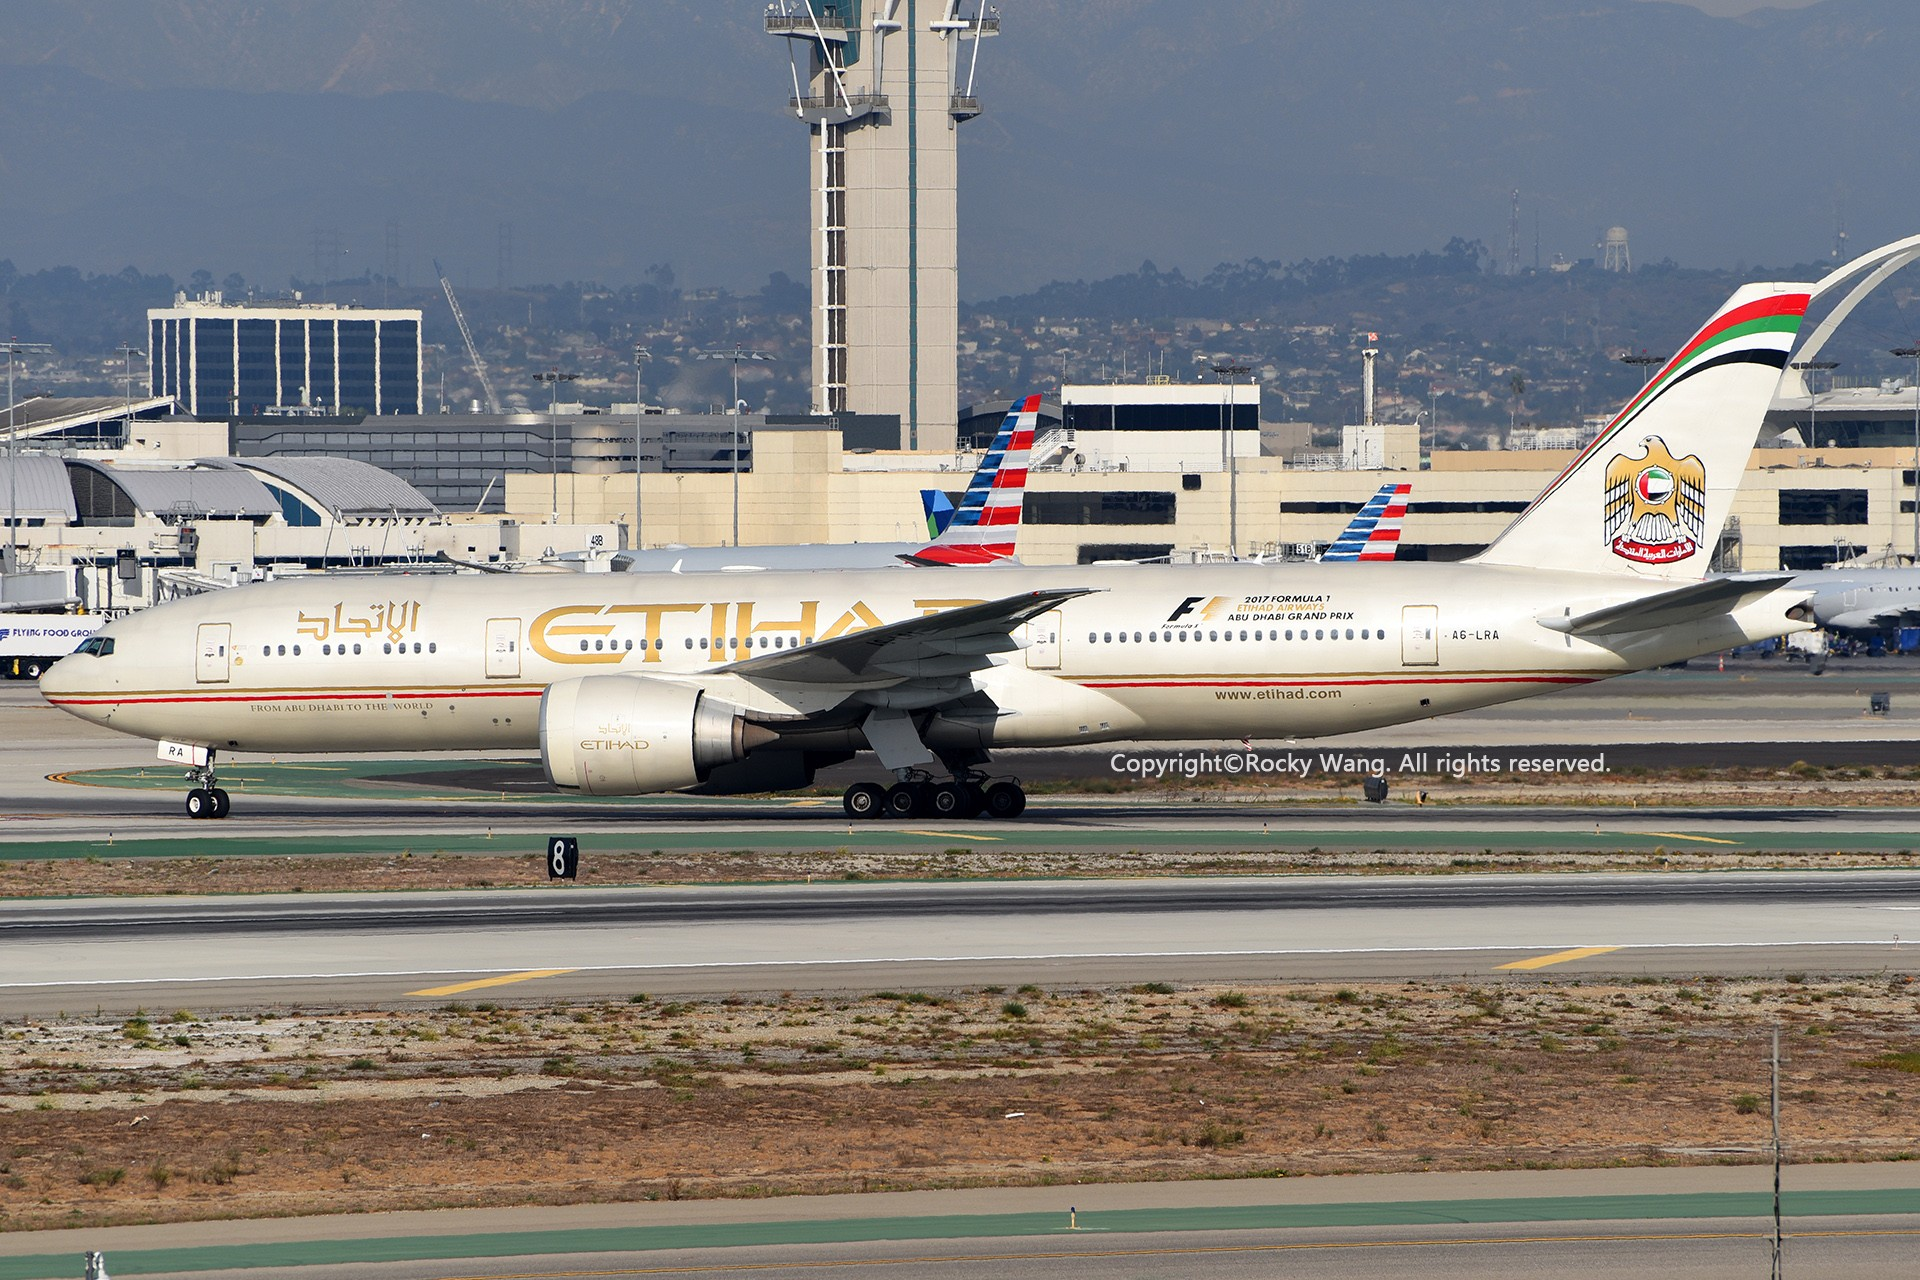 Re:[原创]KLAX 30图 BOEING 777-237LR A6-LRA Los Angeles Int'l Airport